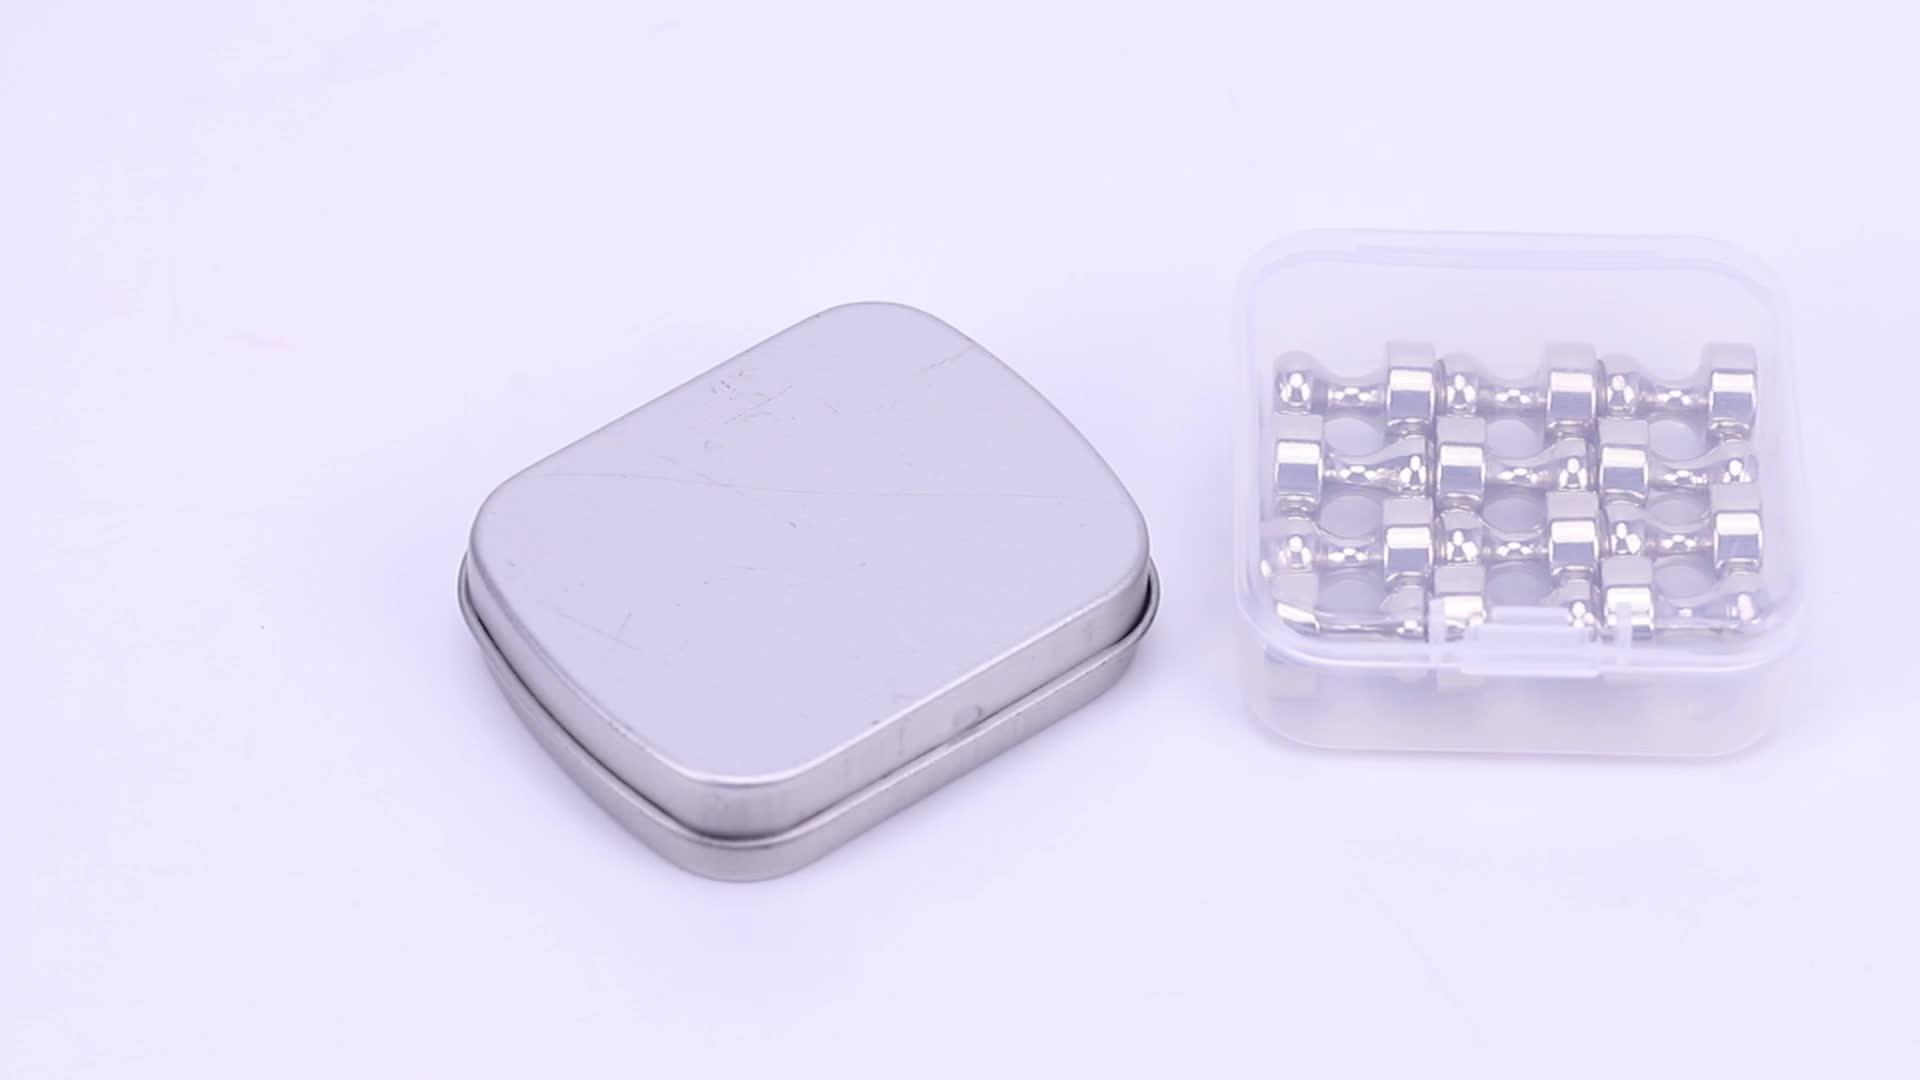 Diy 12 Pack, 24 Pack Combinatie Magneet Pins/Metalen Magnetische Bol Vorm Push Pins Magneten